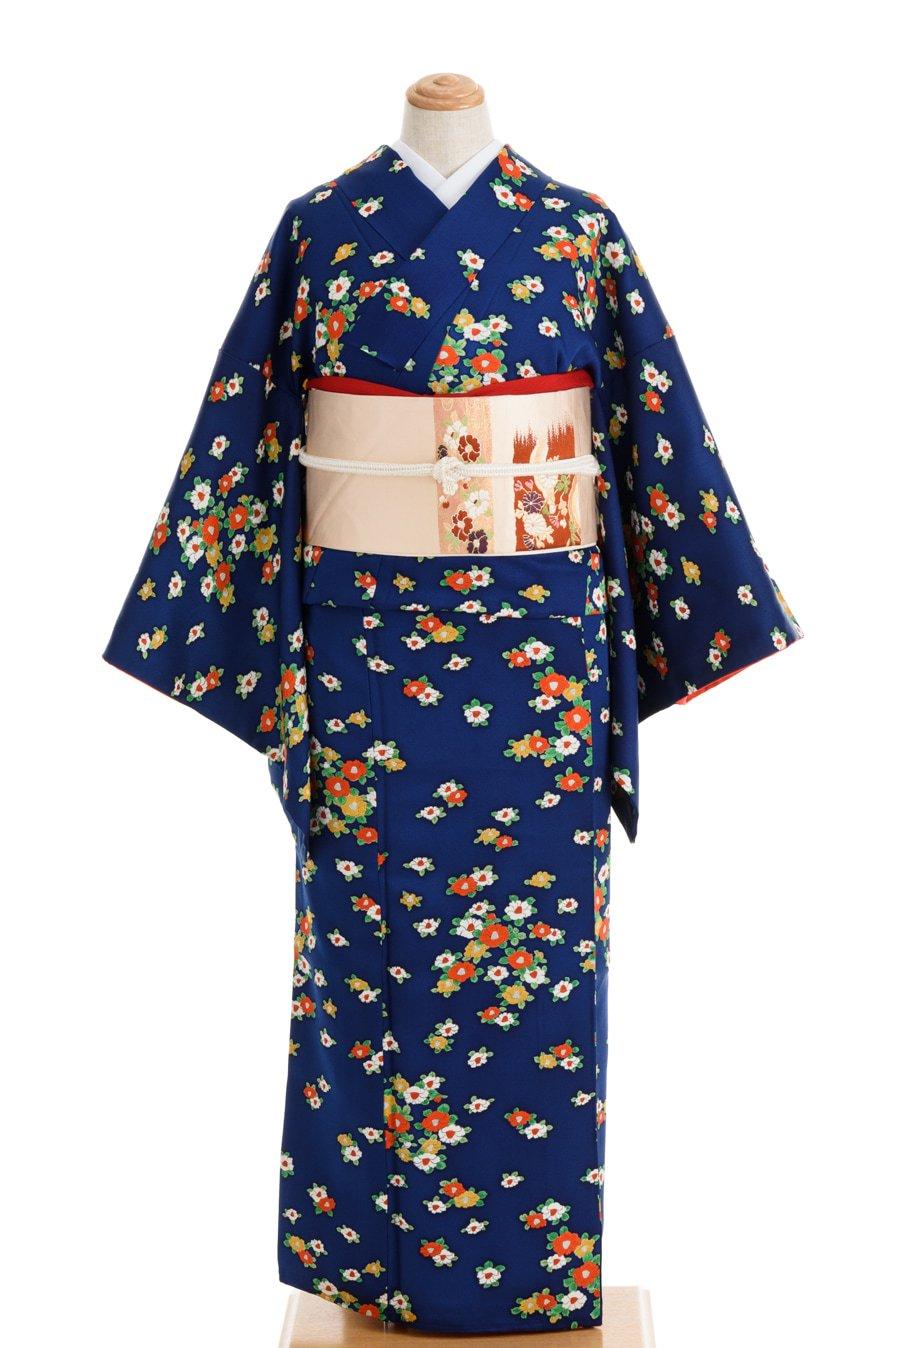 「紺地 小さな椿の花」の商品画像